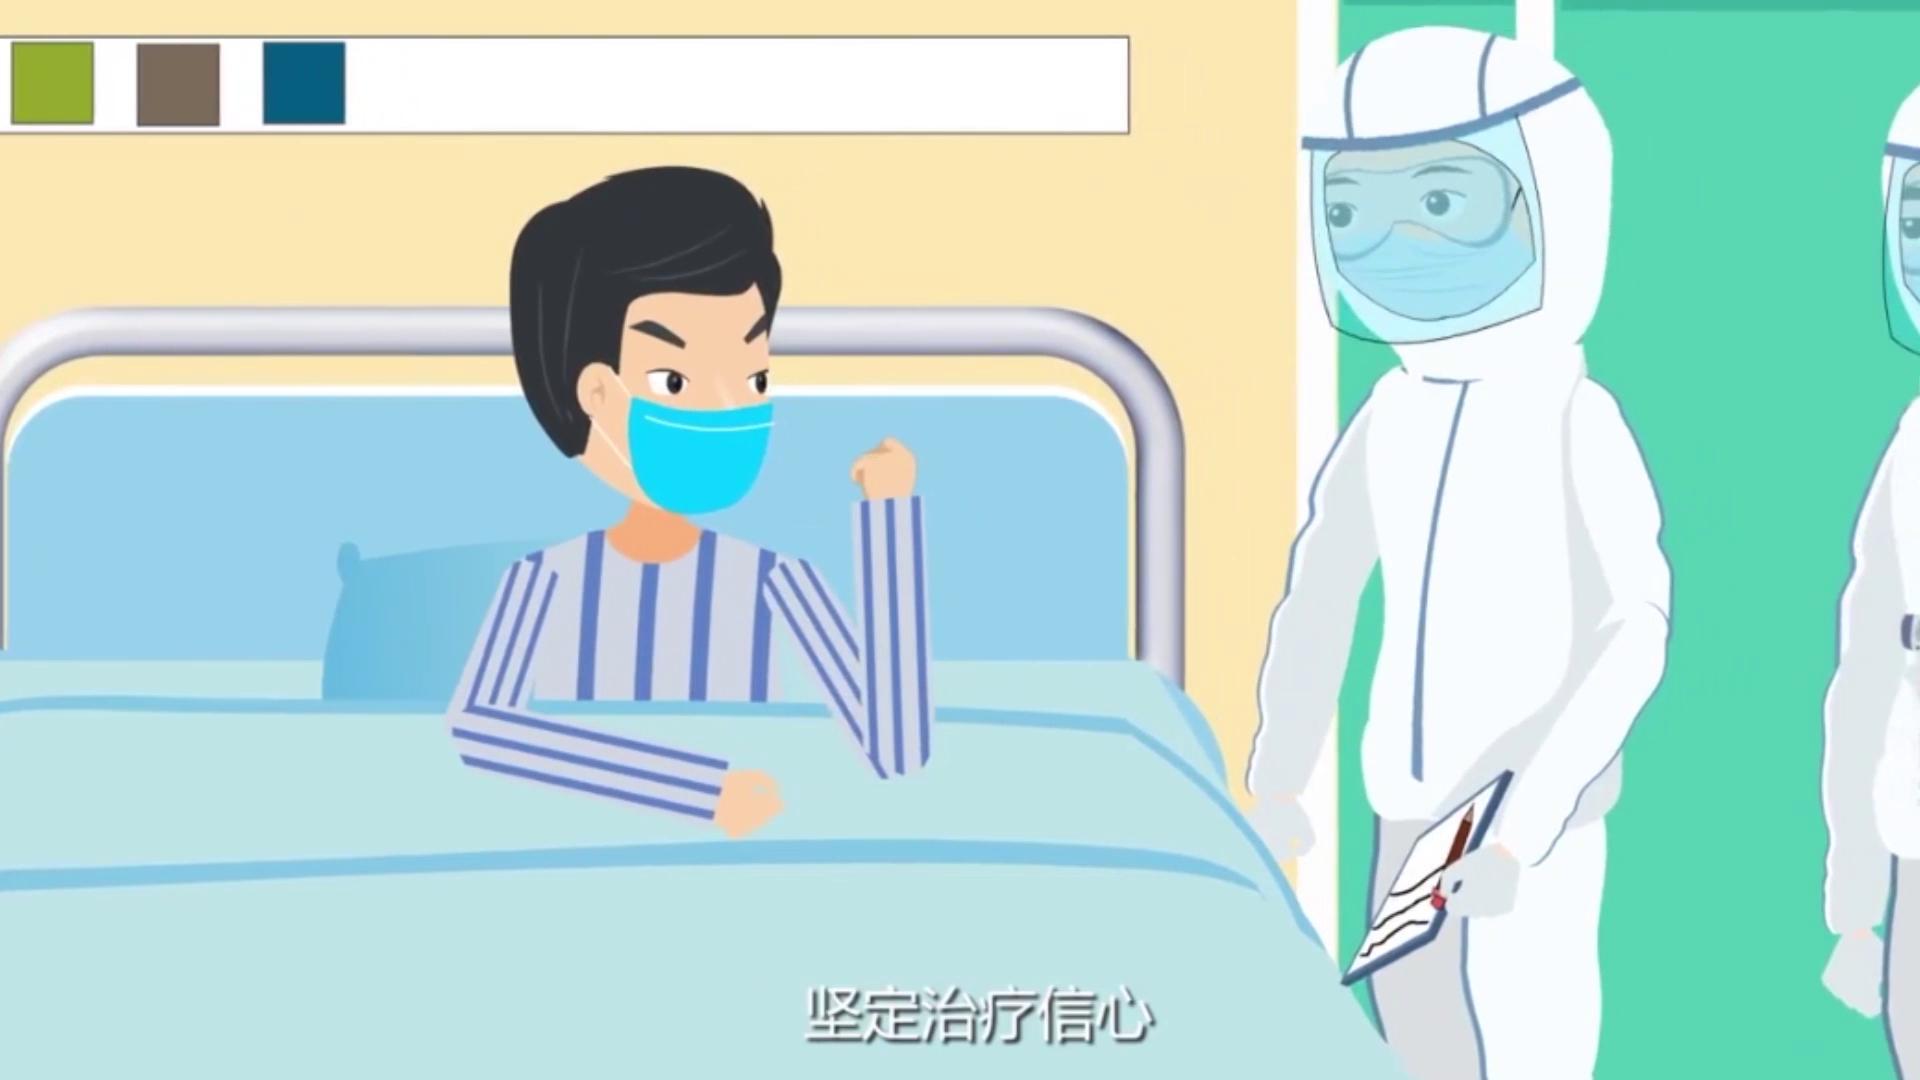 新型冠状病毒肺炎疫情心理调适指南——疑似确诊患者及家属心理调适